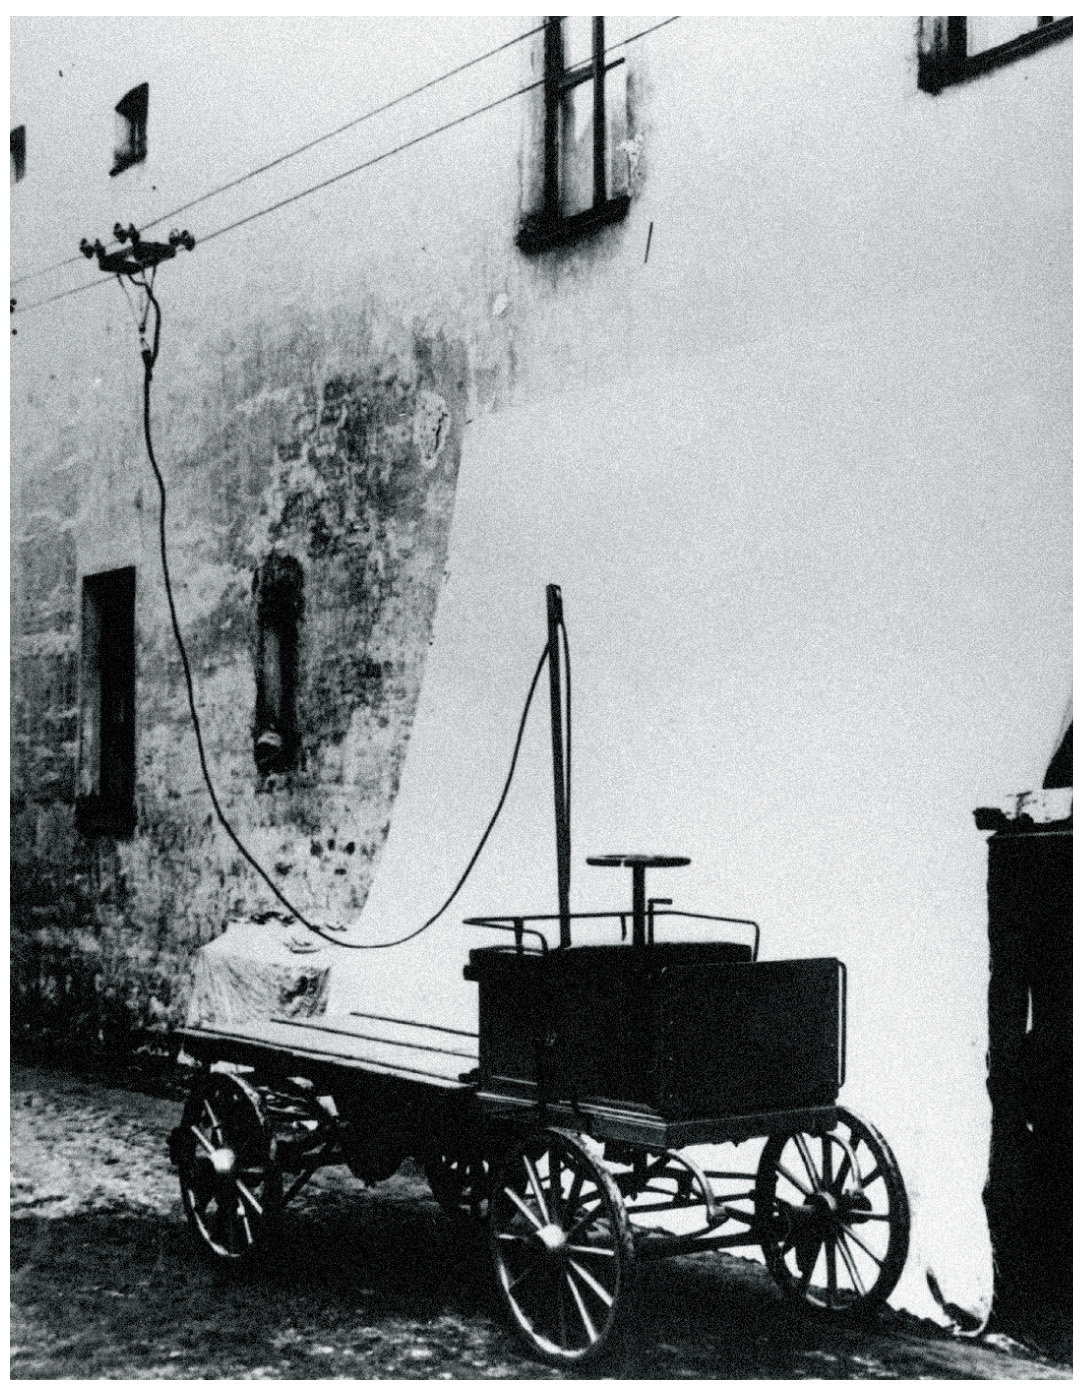 13 апреля 1902 года в Санкт-Петербурге проведены испытания первого в России троллейбуса